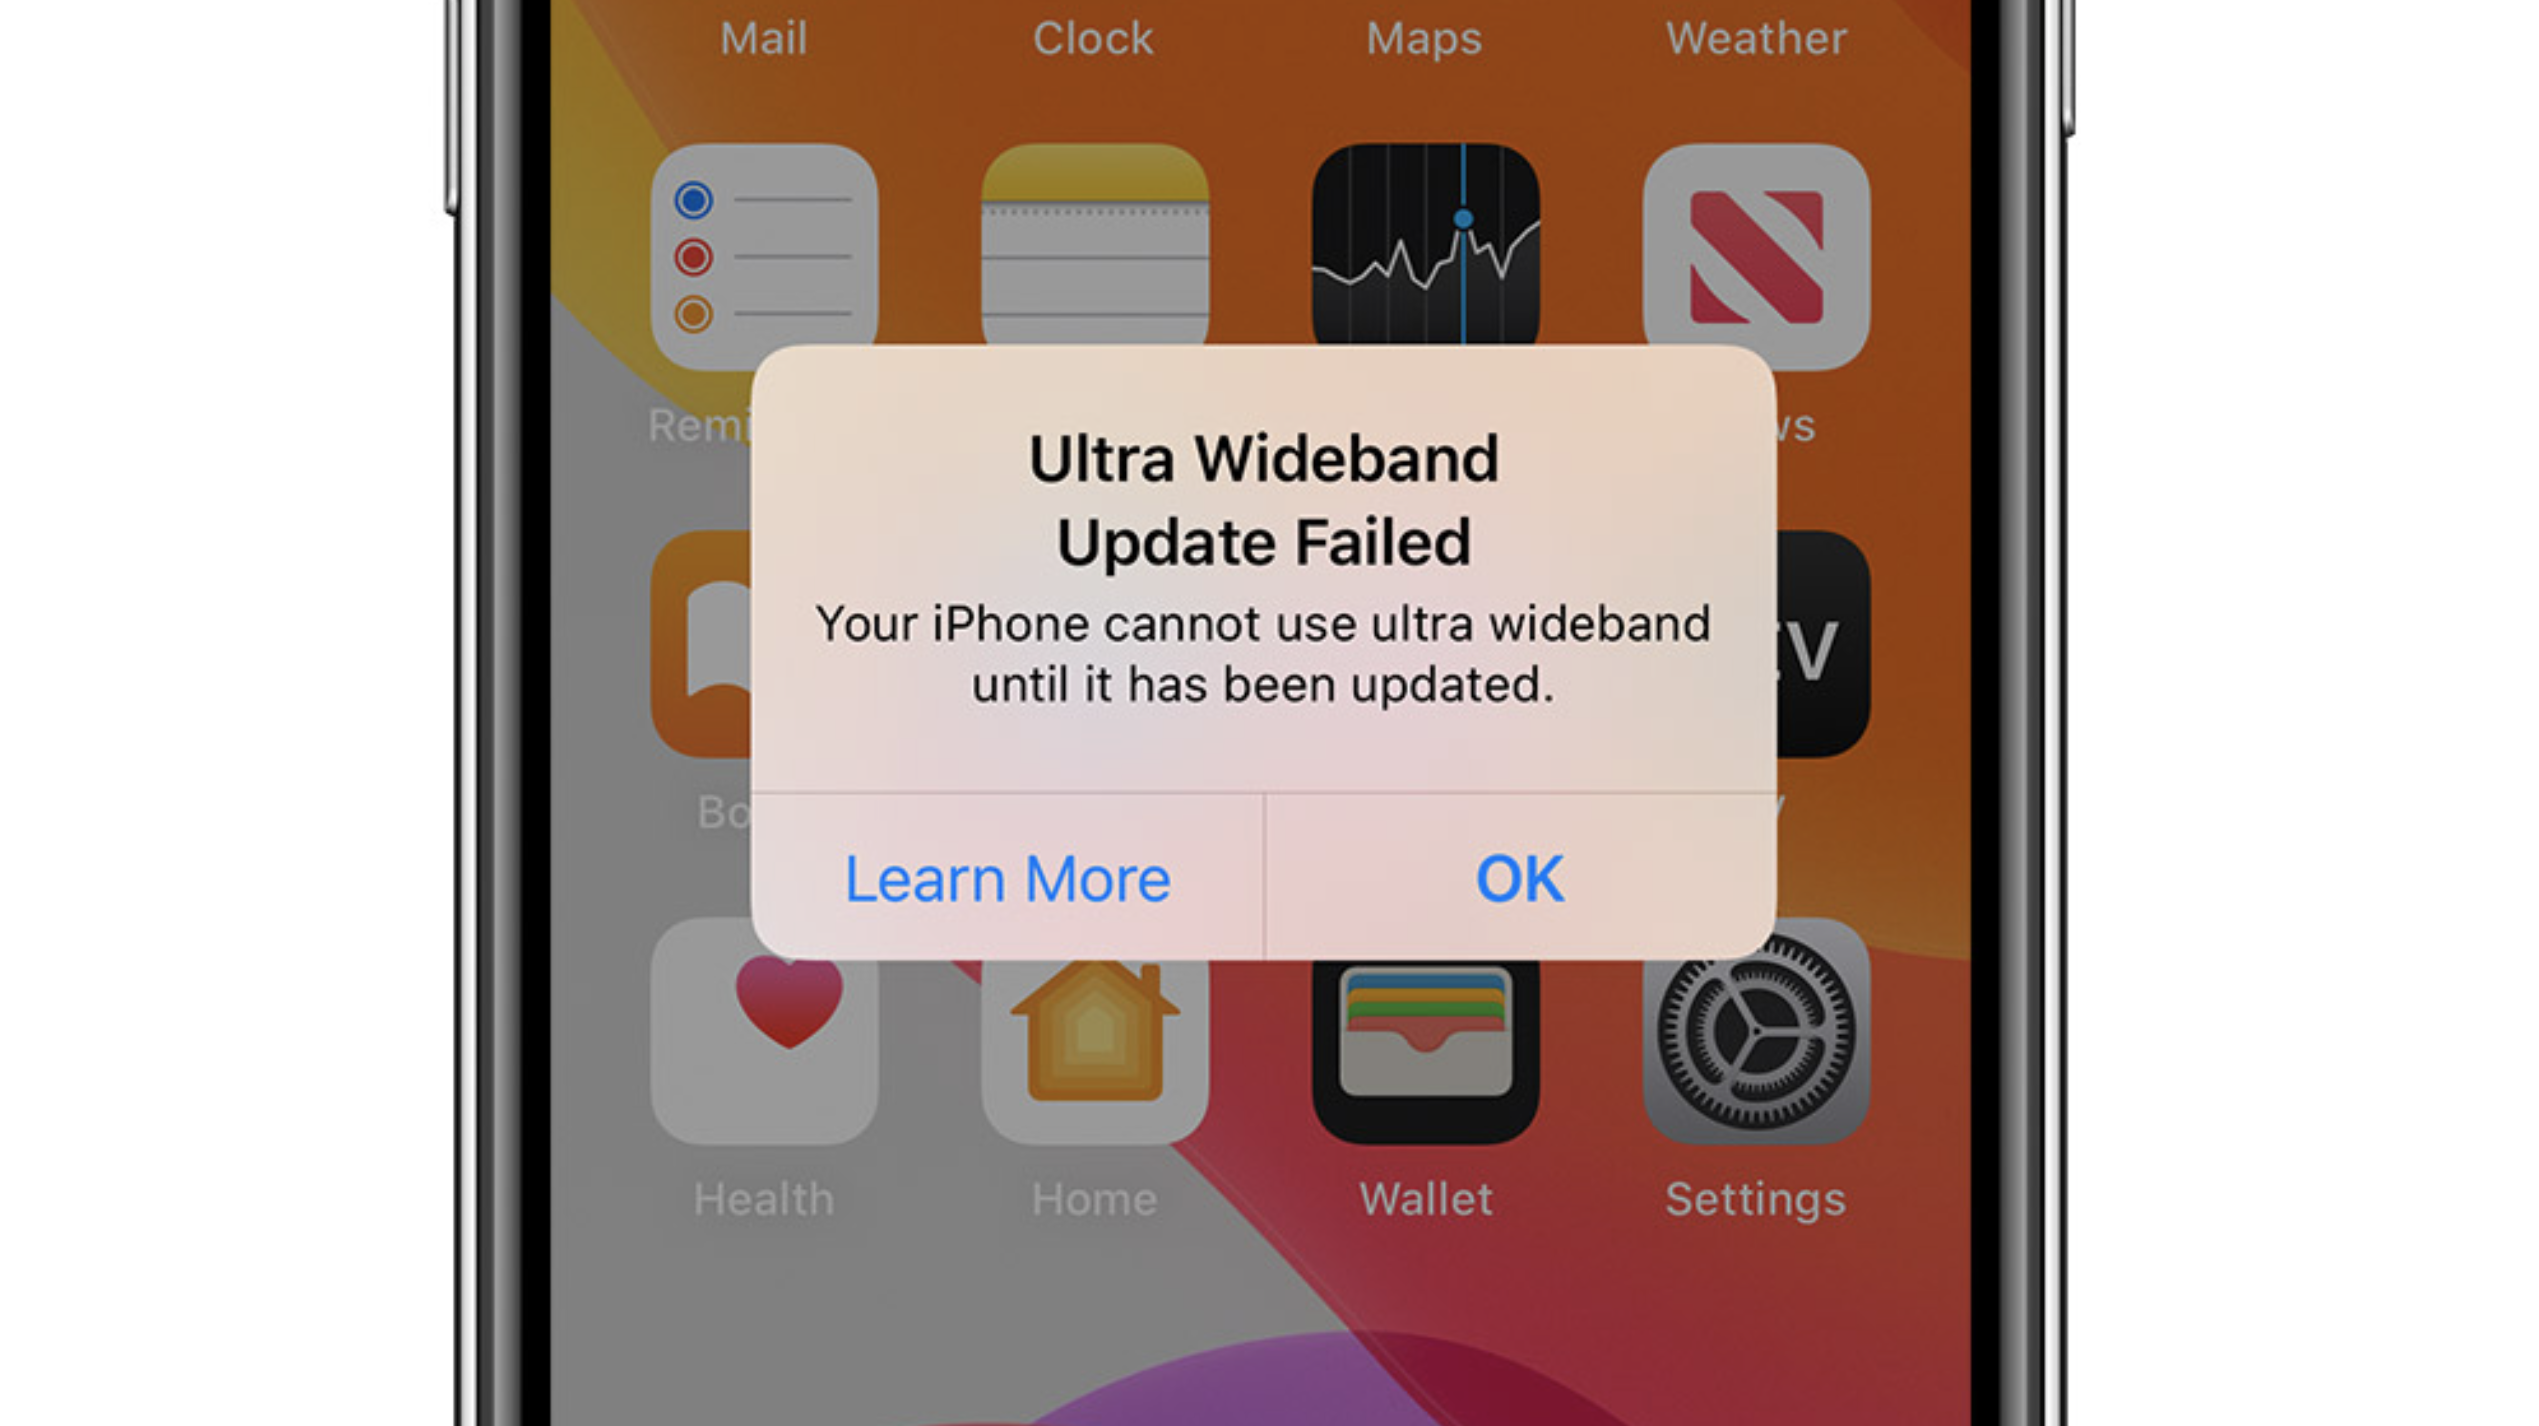 ipad die suche nach updates ist fehlgeschlagen